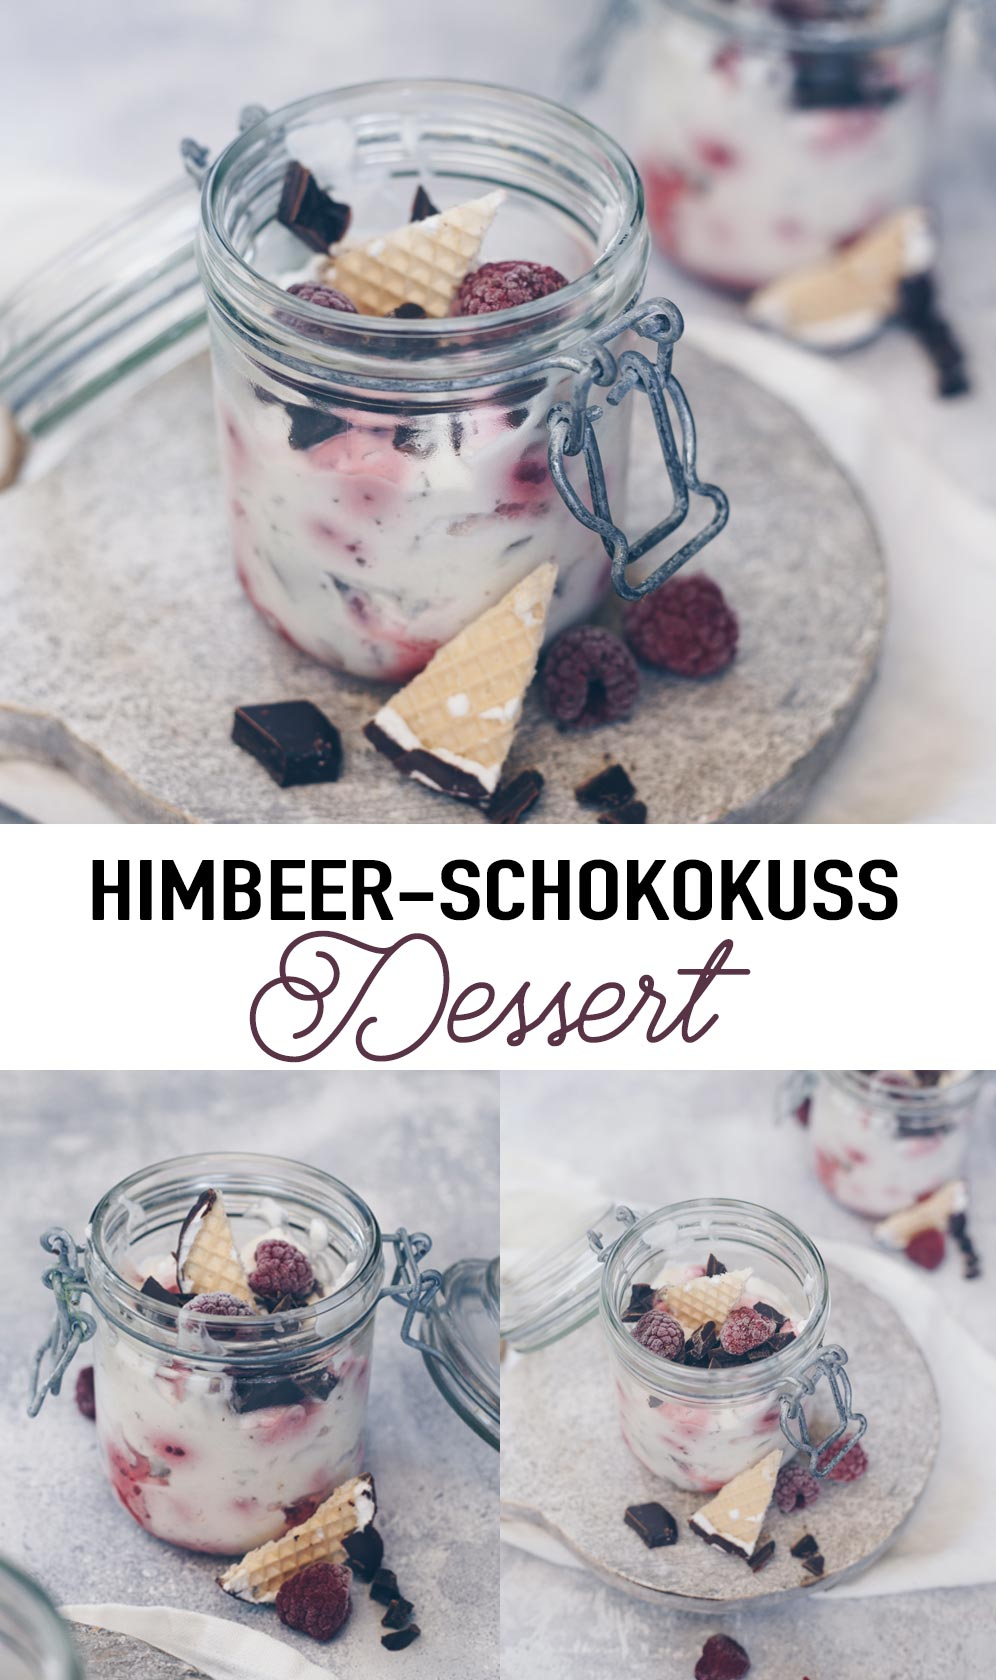 Himbeer-Schokokuss-Dessert im Glas - super schnell Nachtischidee